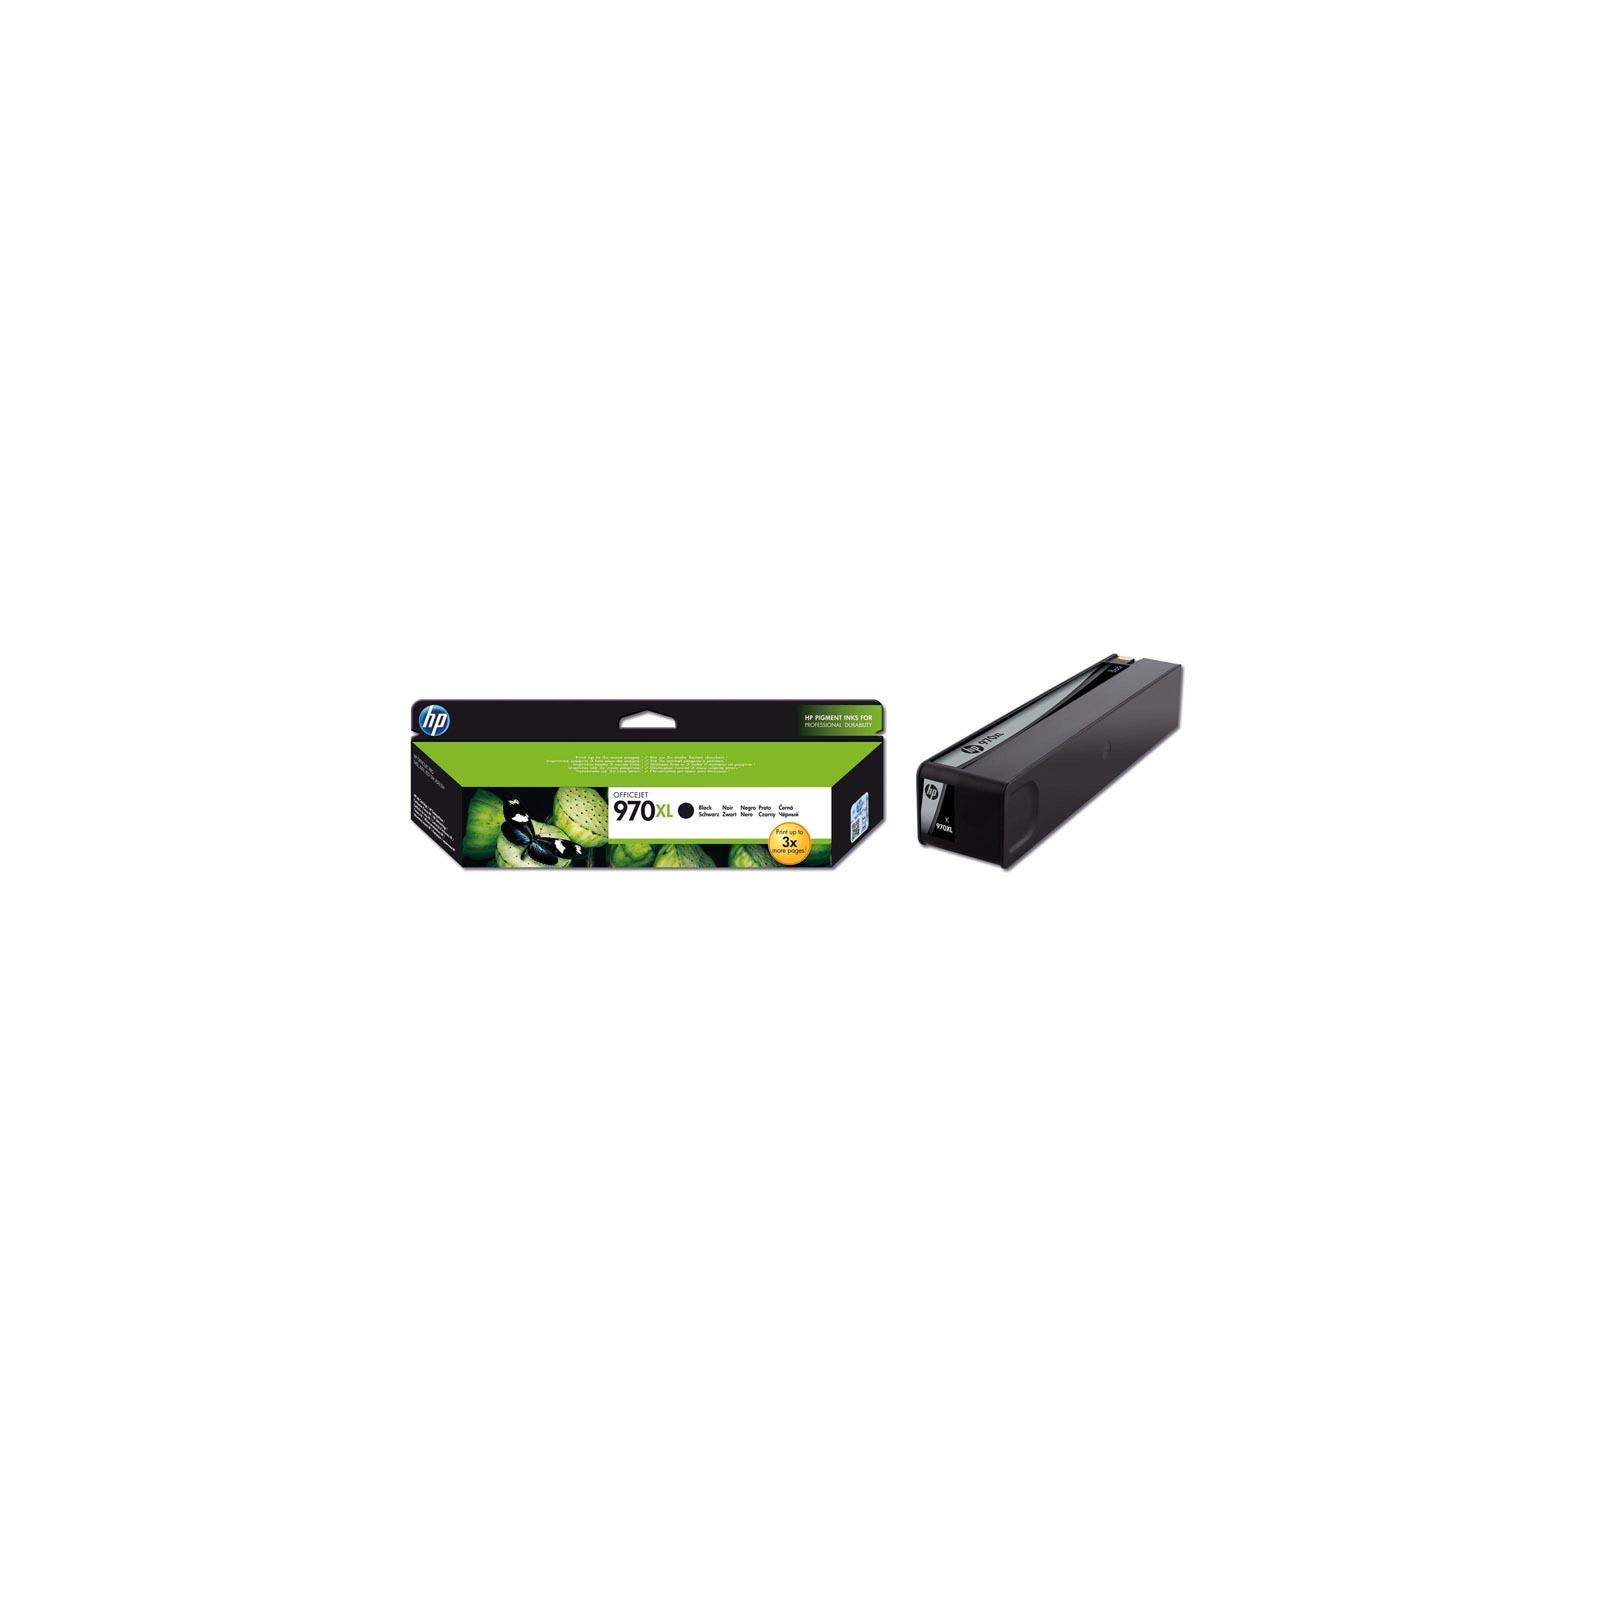 Картридж HP DJ No.970XL OJ Pro X451dw/X476dw/X551dw/ X576dw Black (CN625AE) изображение 3